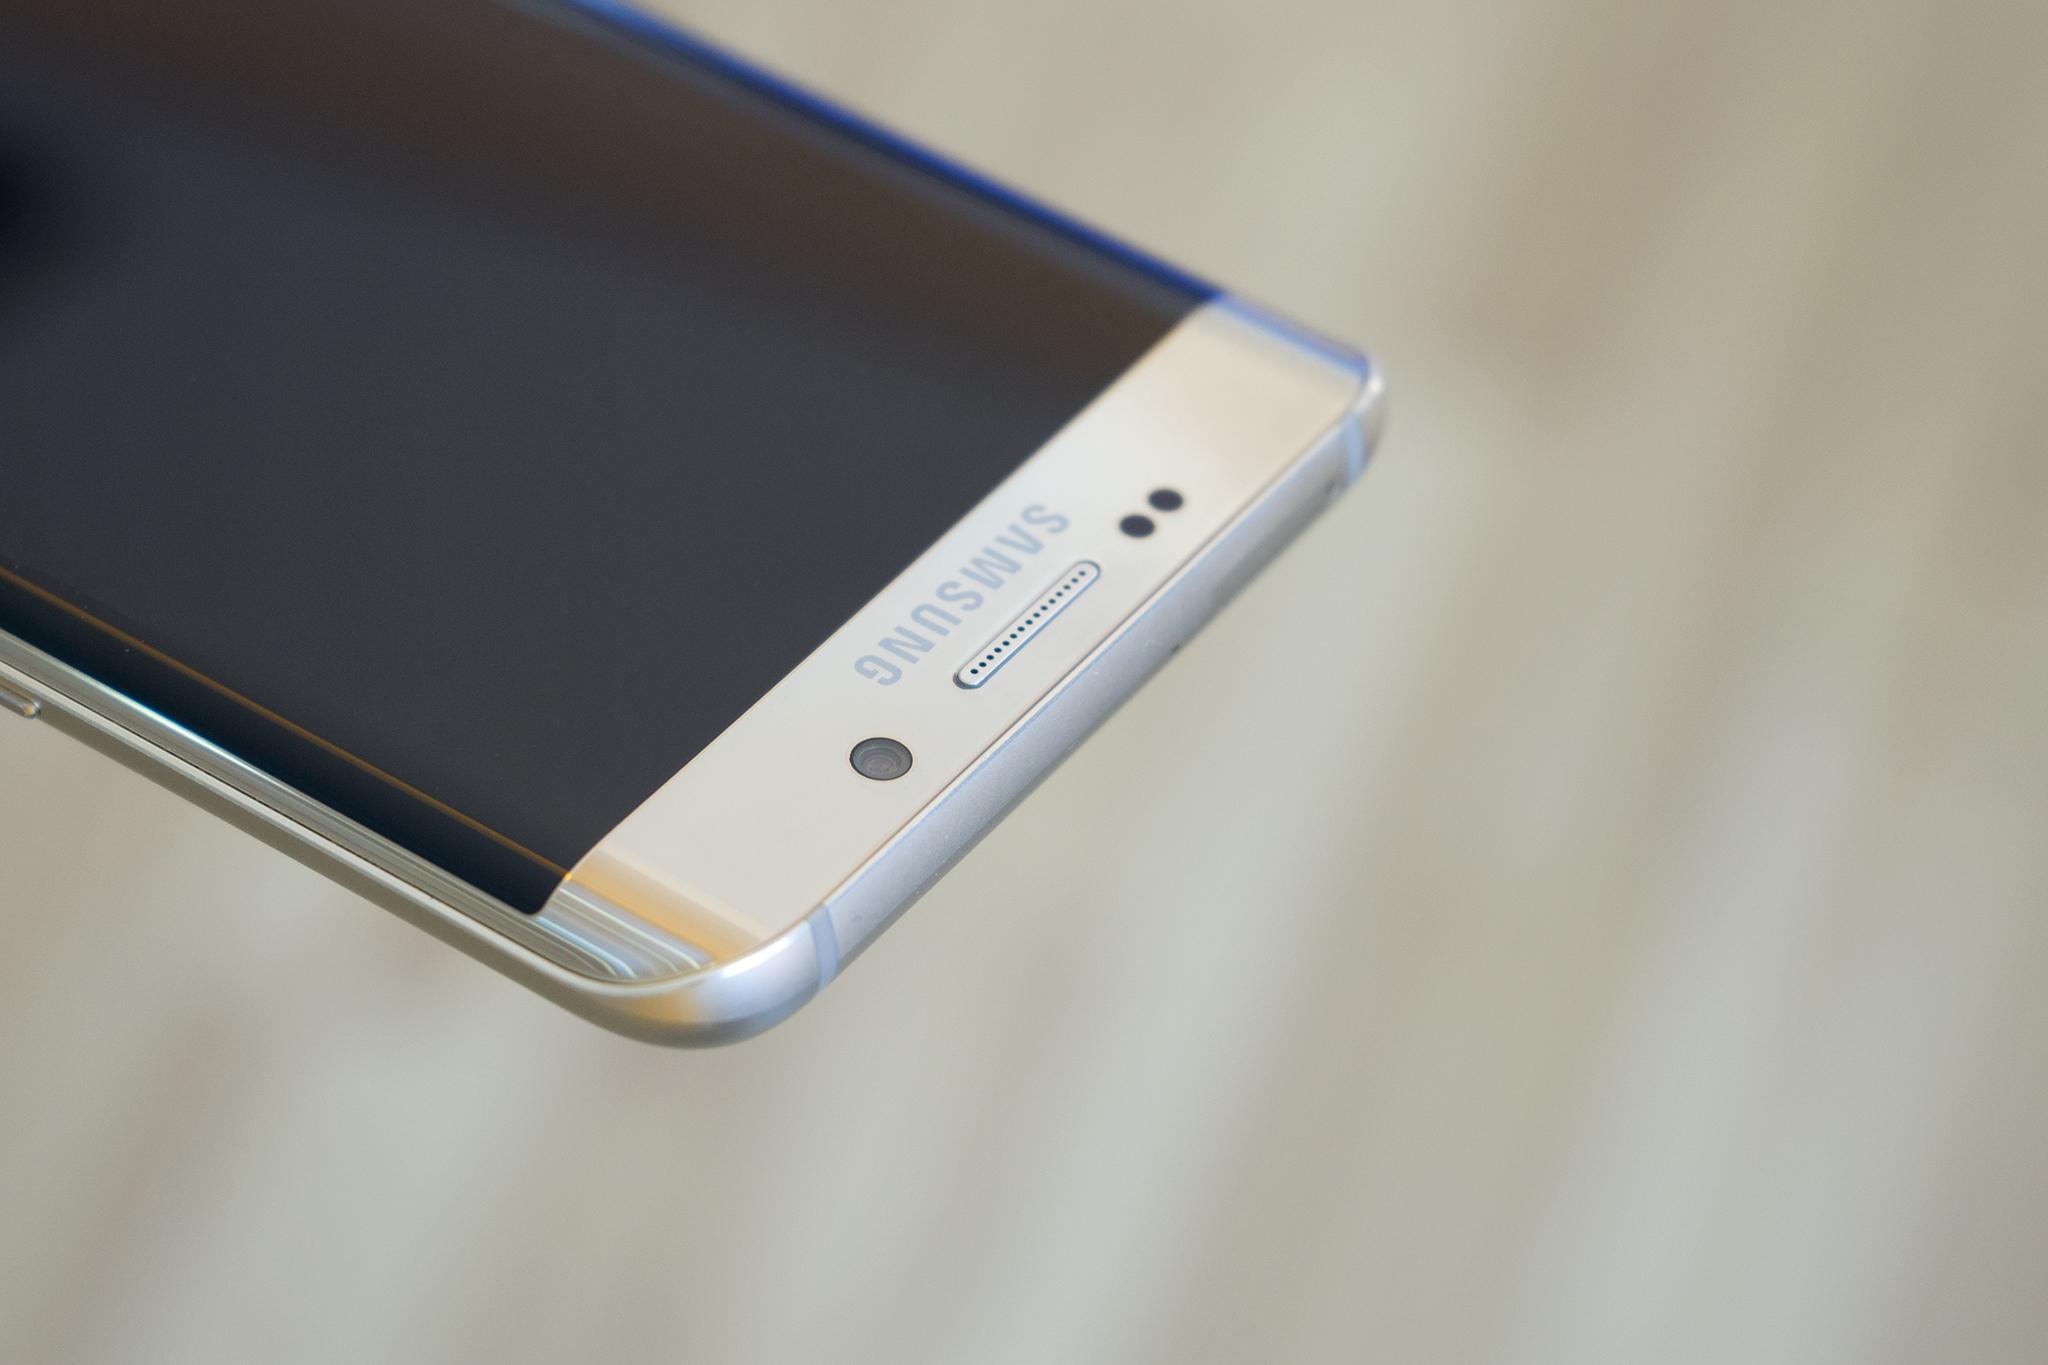 Samsung Galaxy S6 Edge Plus đẳng cấp mạnh mẽ